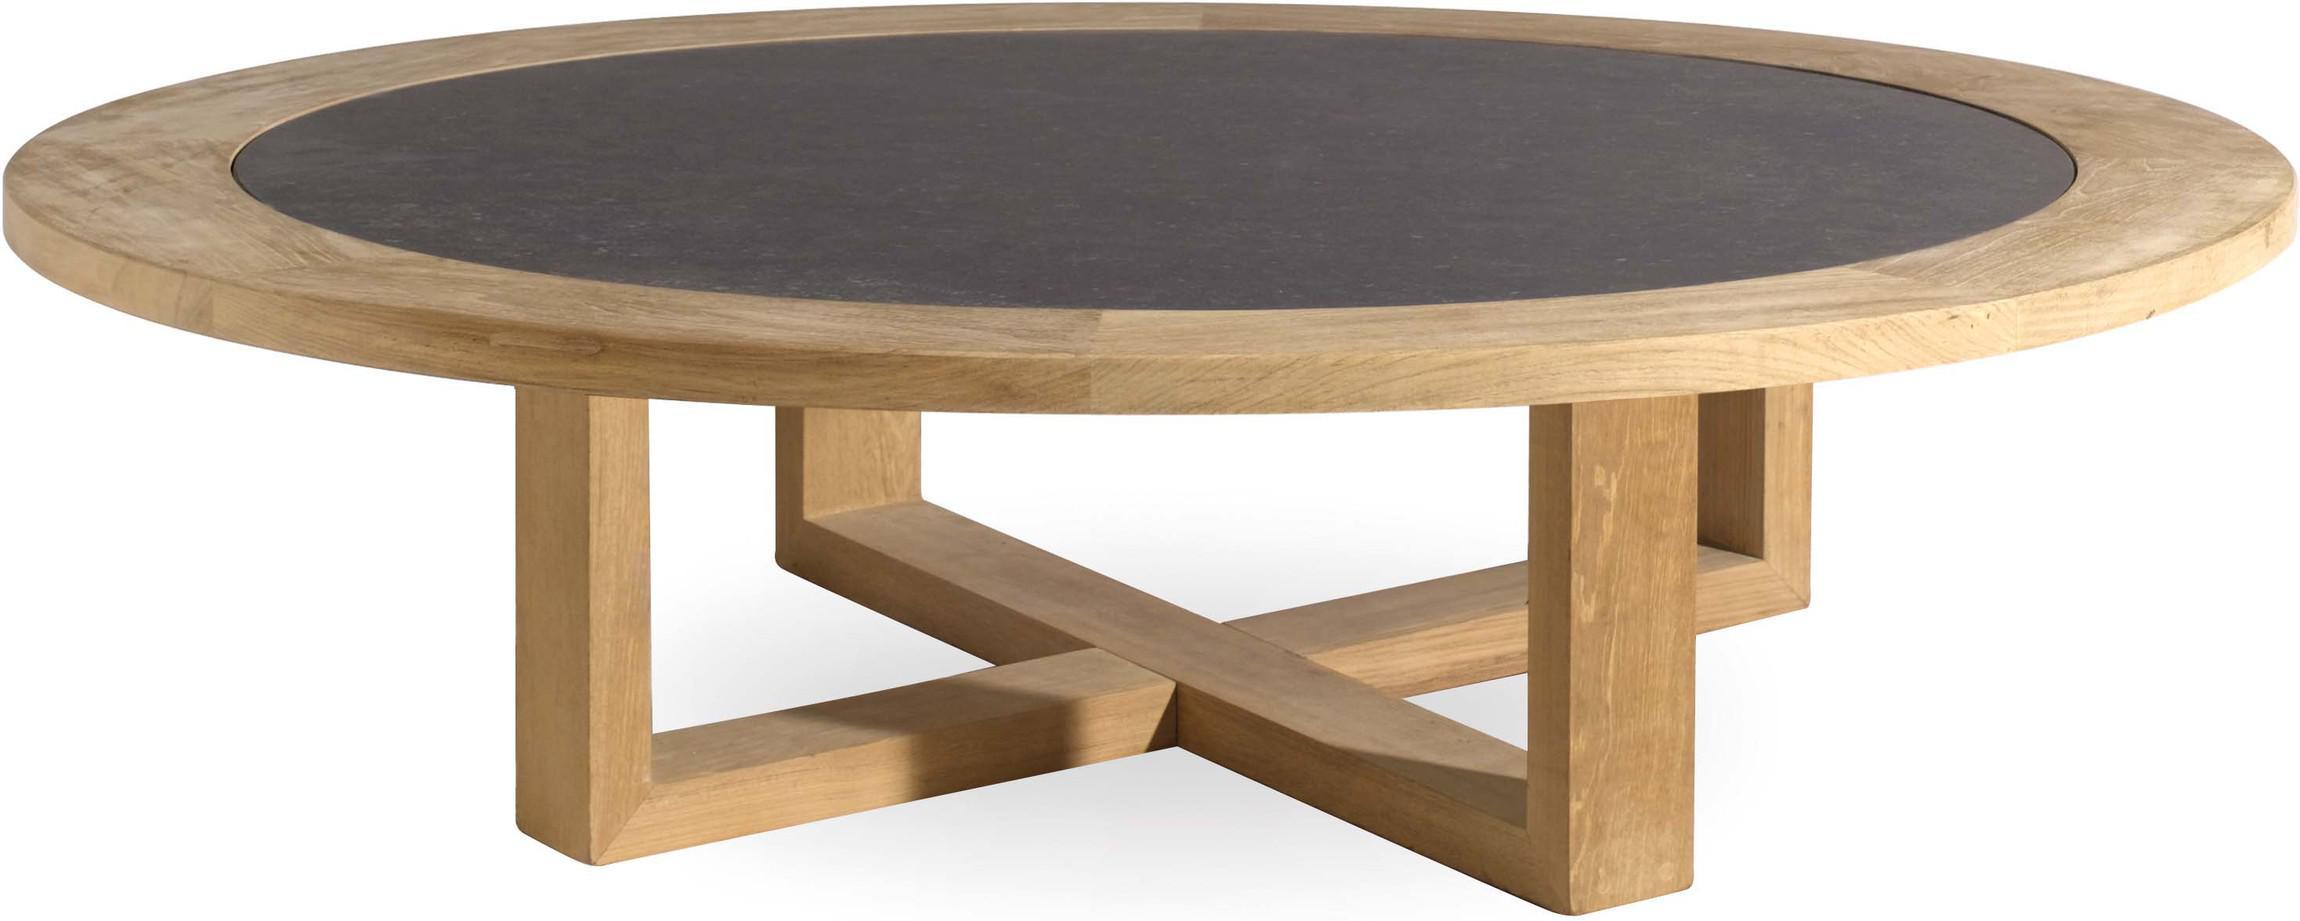 Siena Low table - Teak - 40BD 155